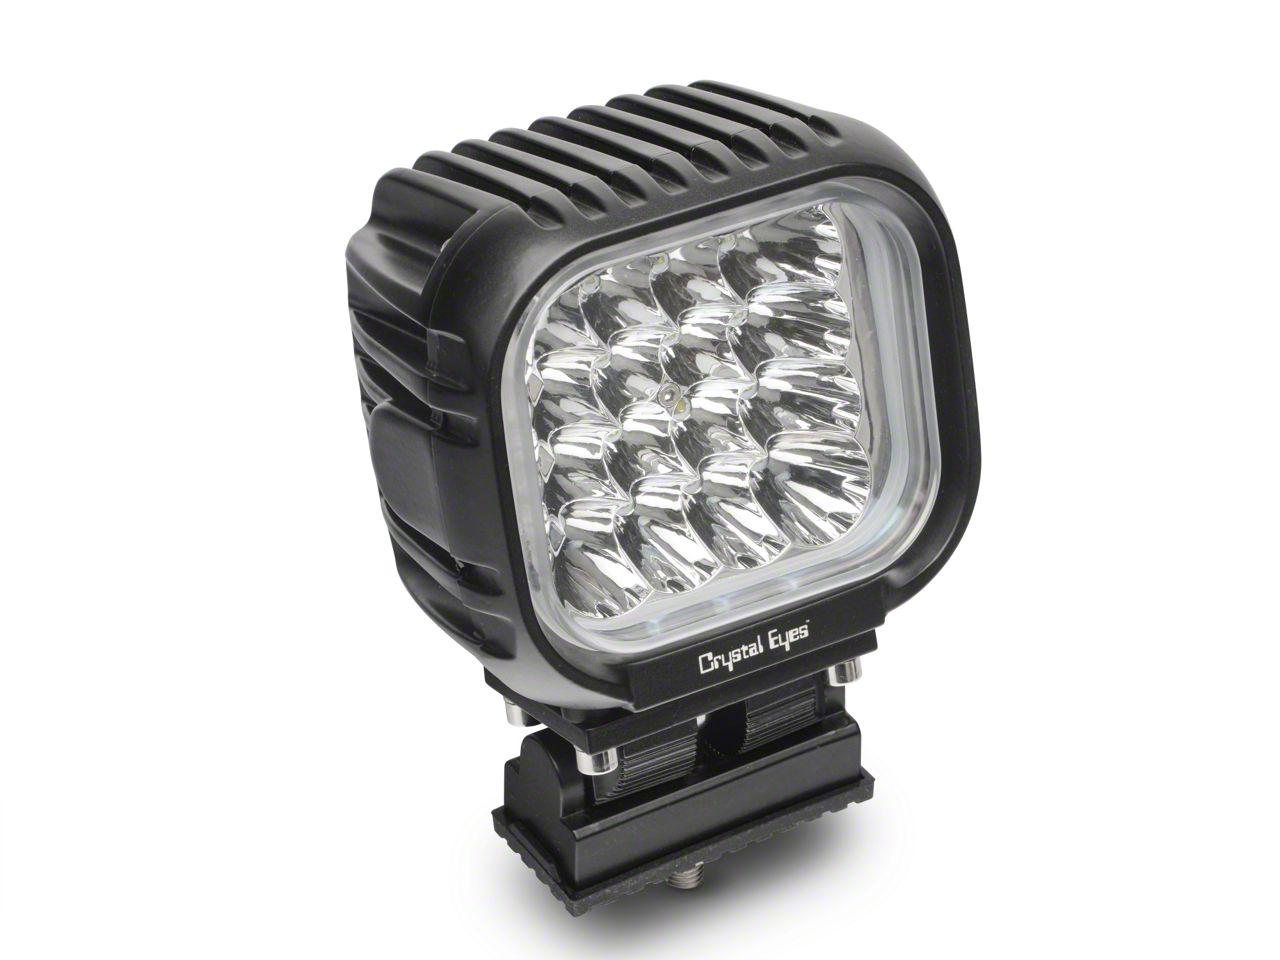 Alteon 5 in. Work LED Cube Light - 30 Degree Flood Beam